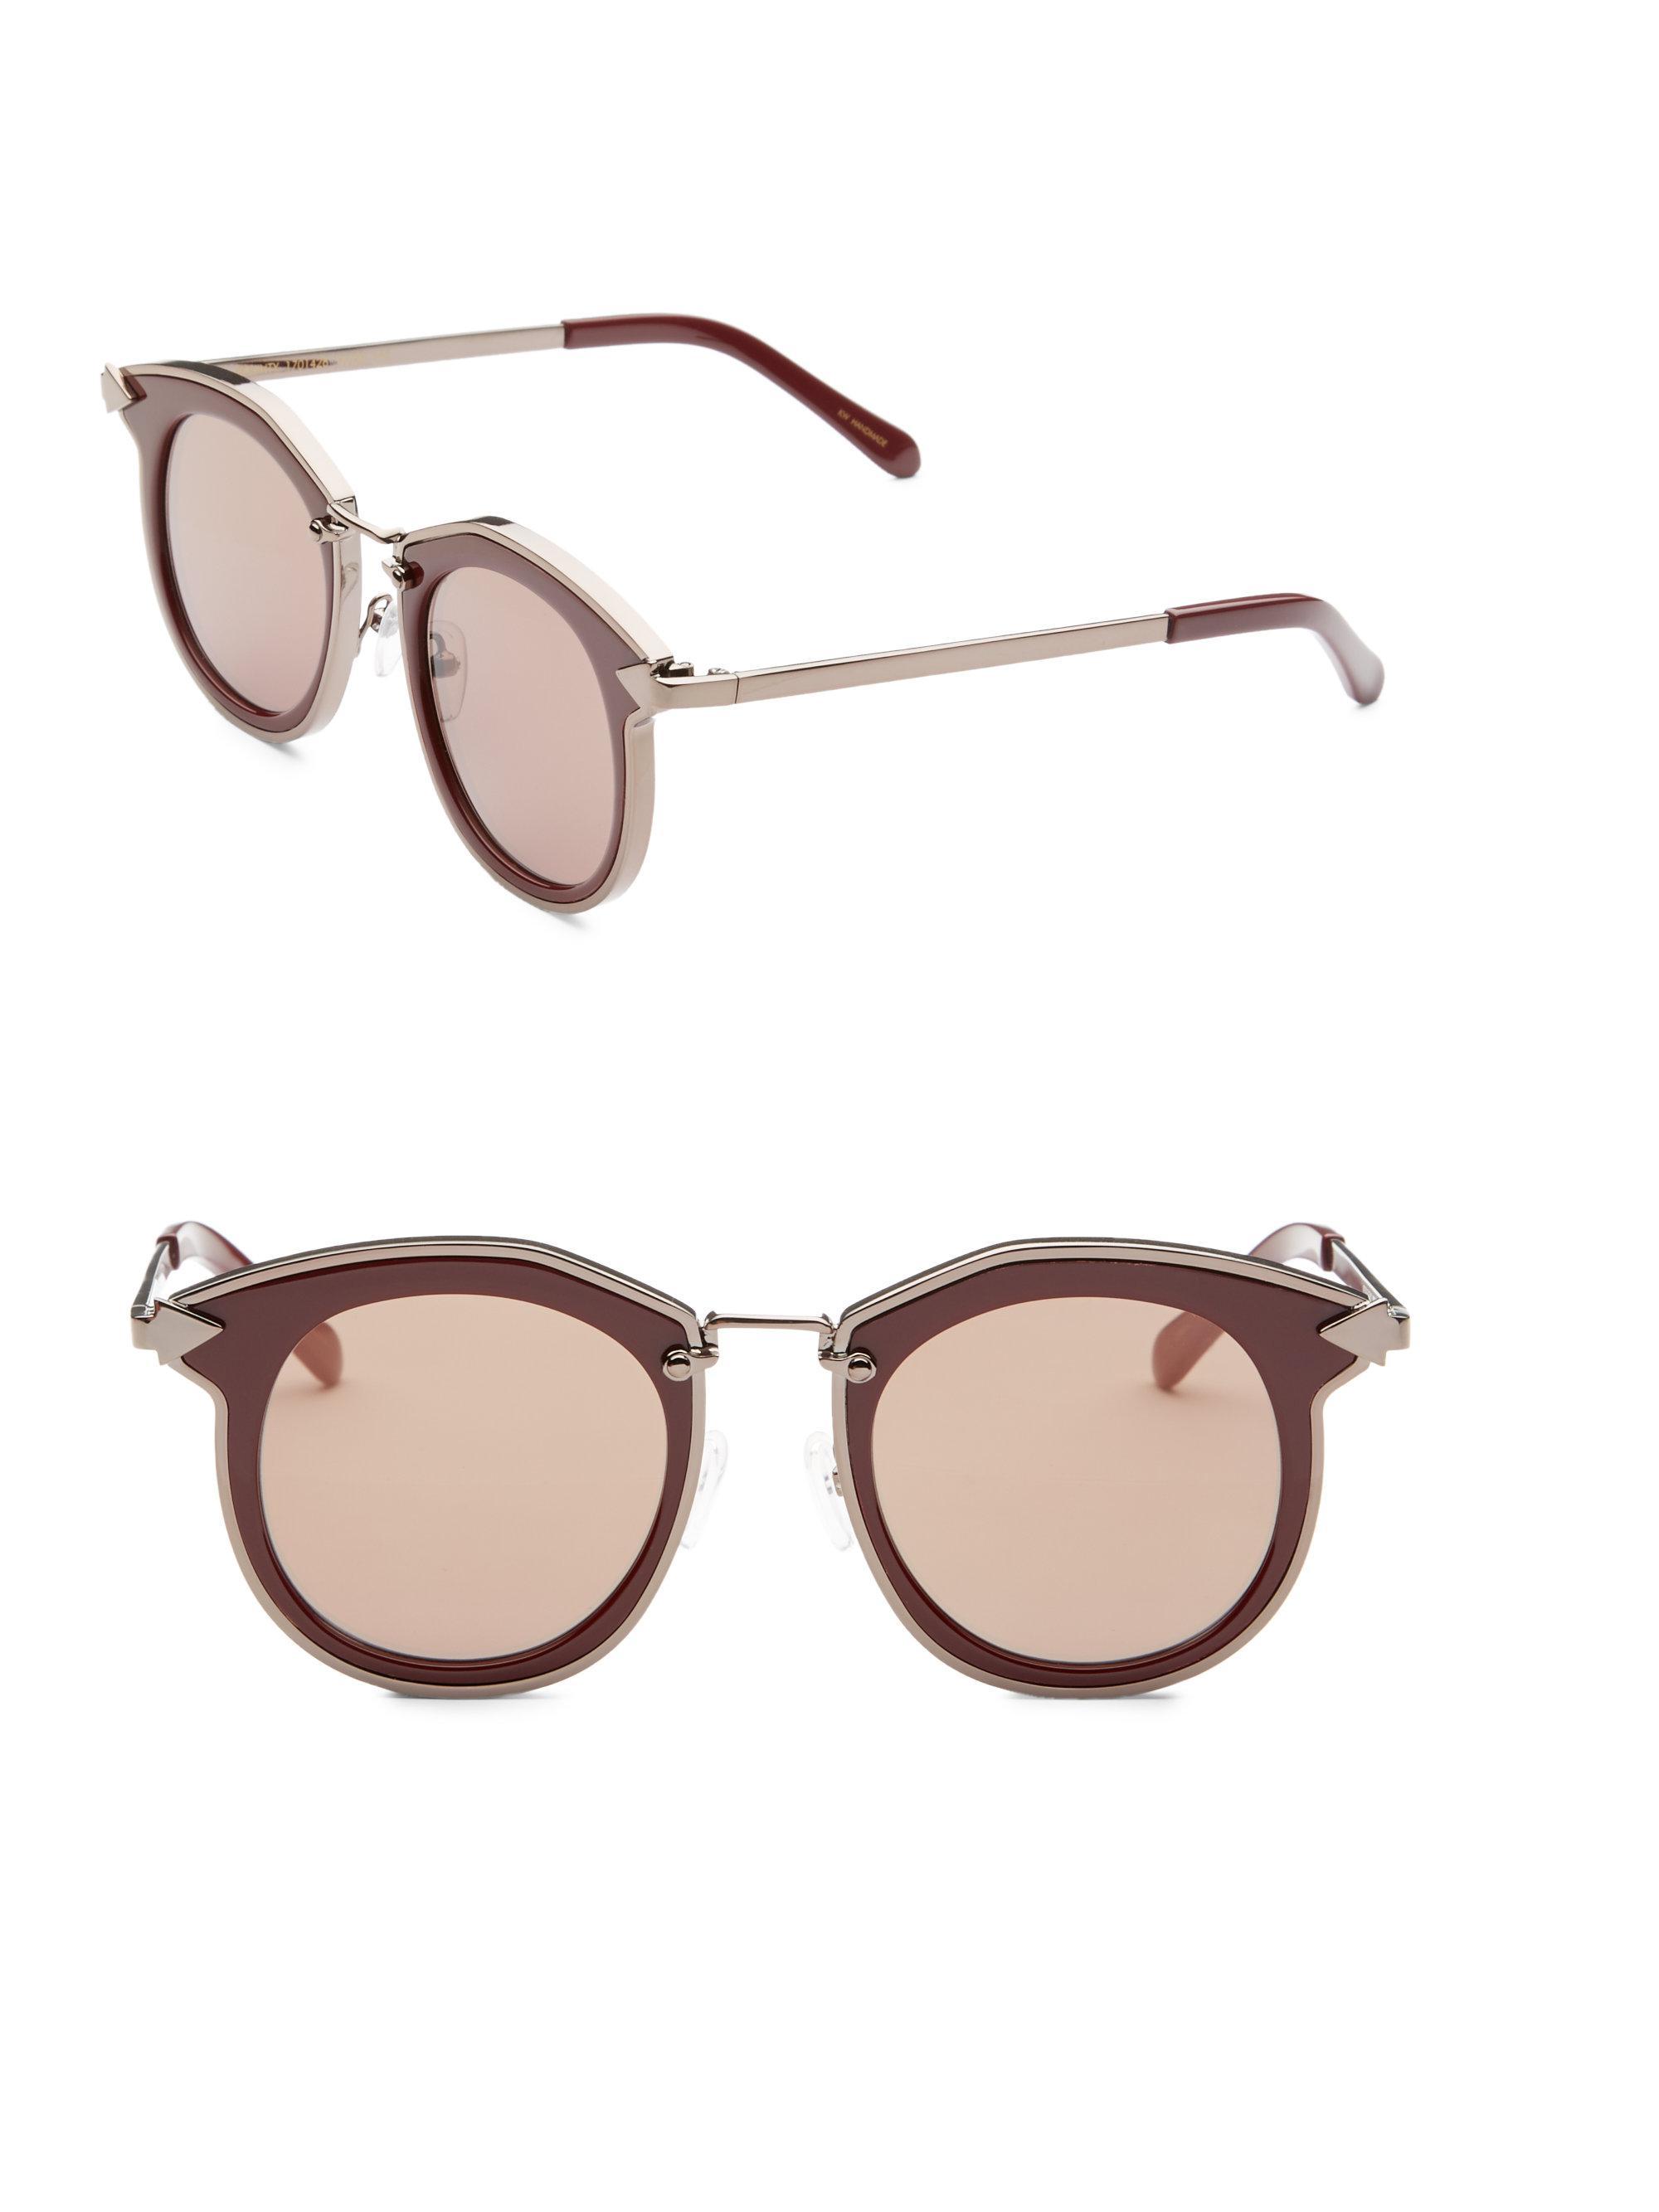 6c4d4c045de Karen Walker. Women s Bounty 47mm Round Sunglasses